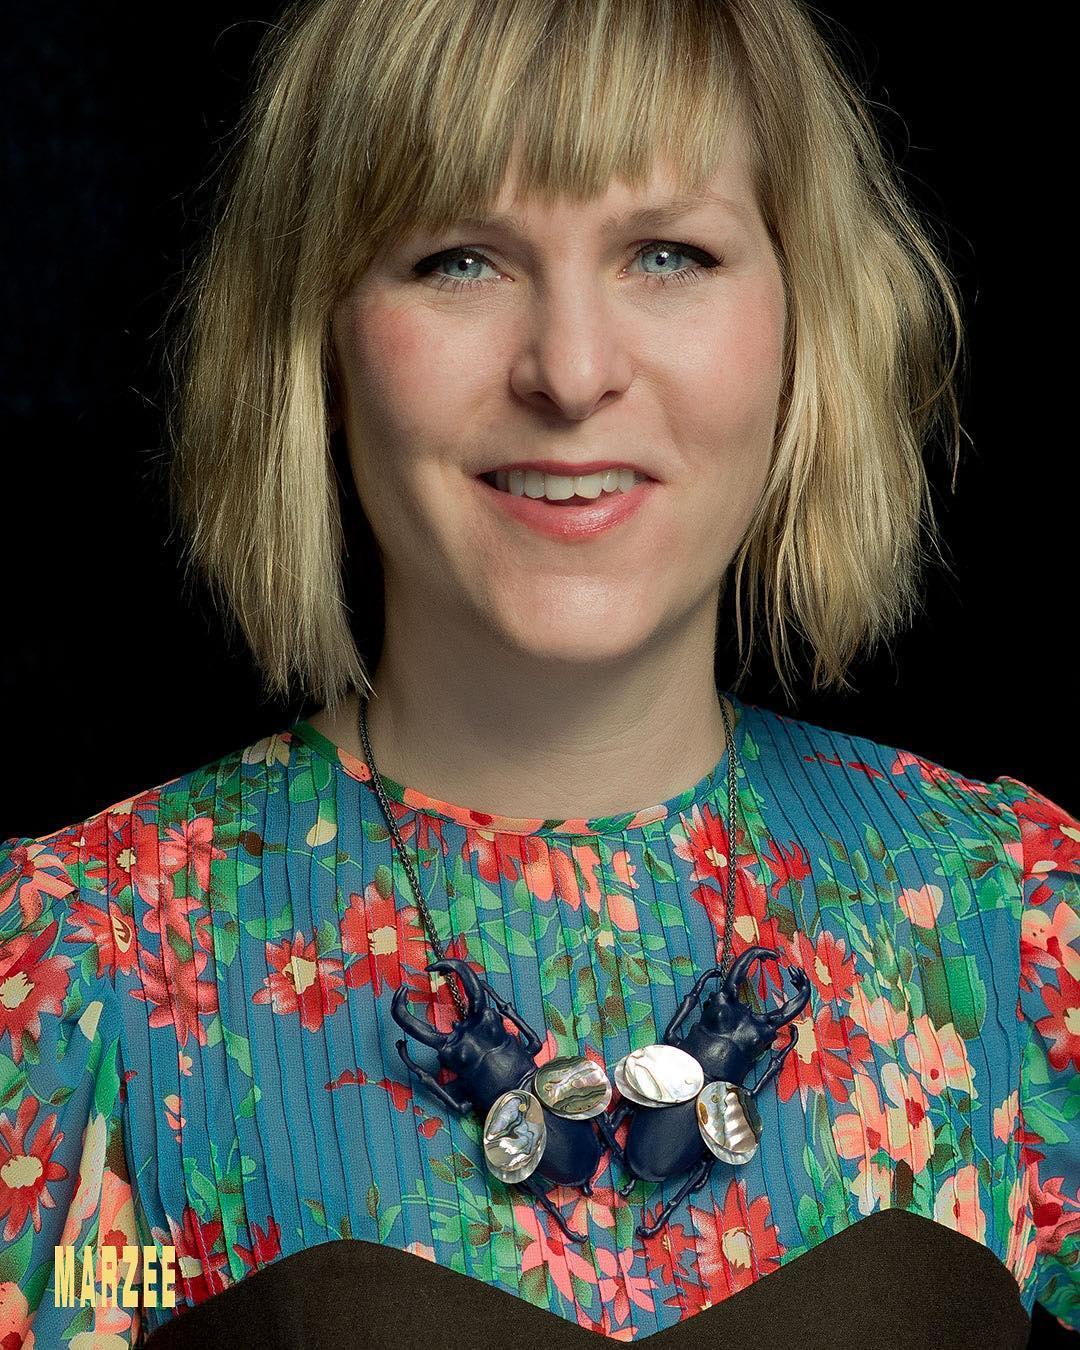 Märta Mattsson draagt haar halssieraad Mermen, 2019. Foto met dank aan Galerie Marzee©